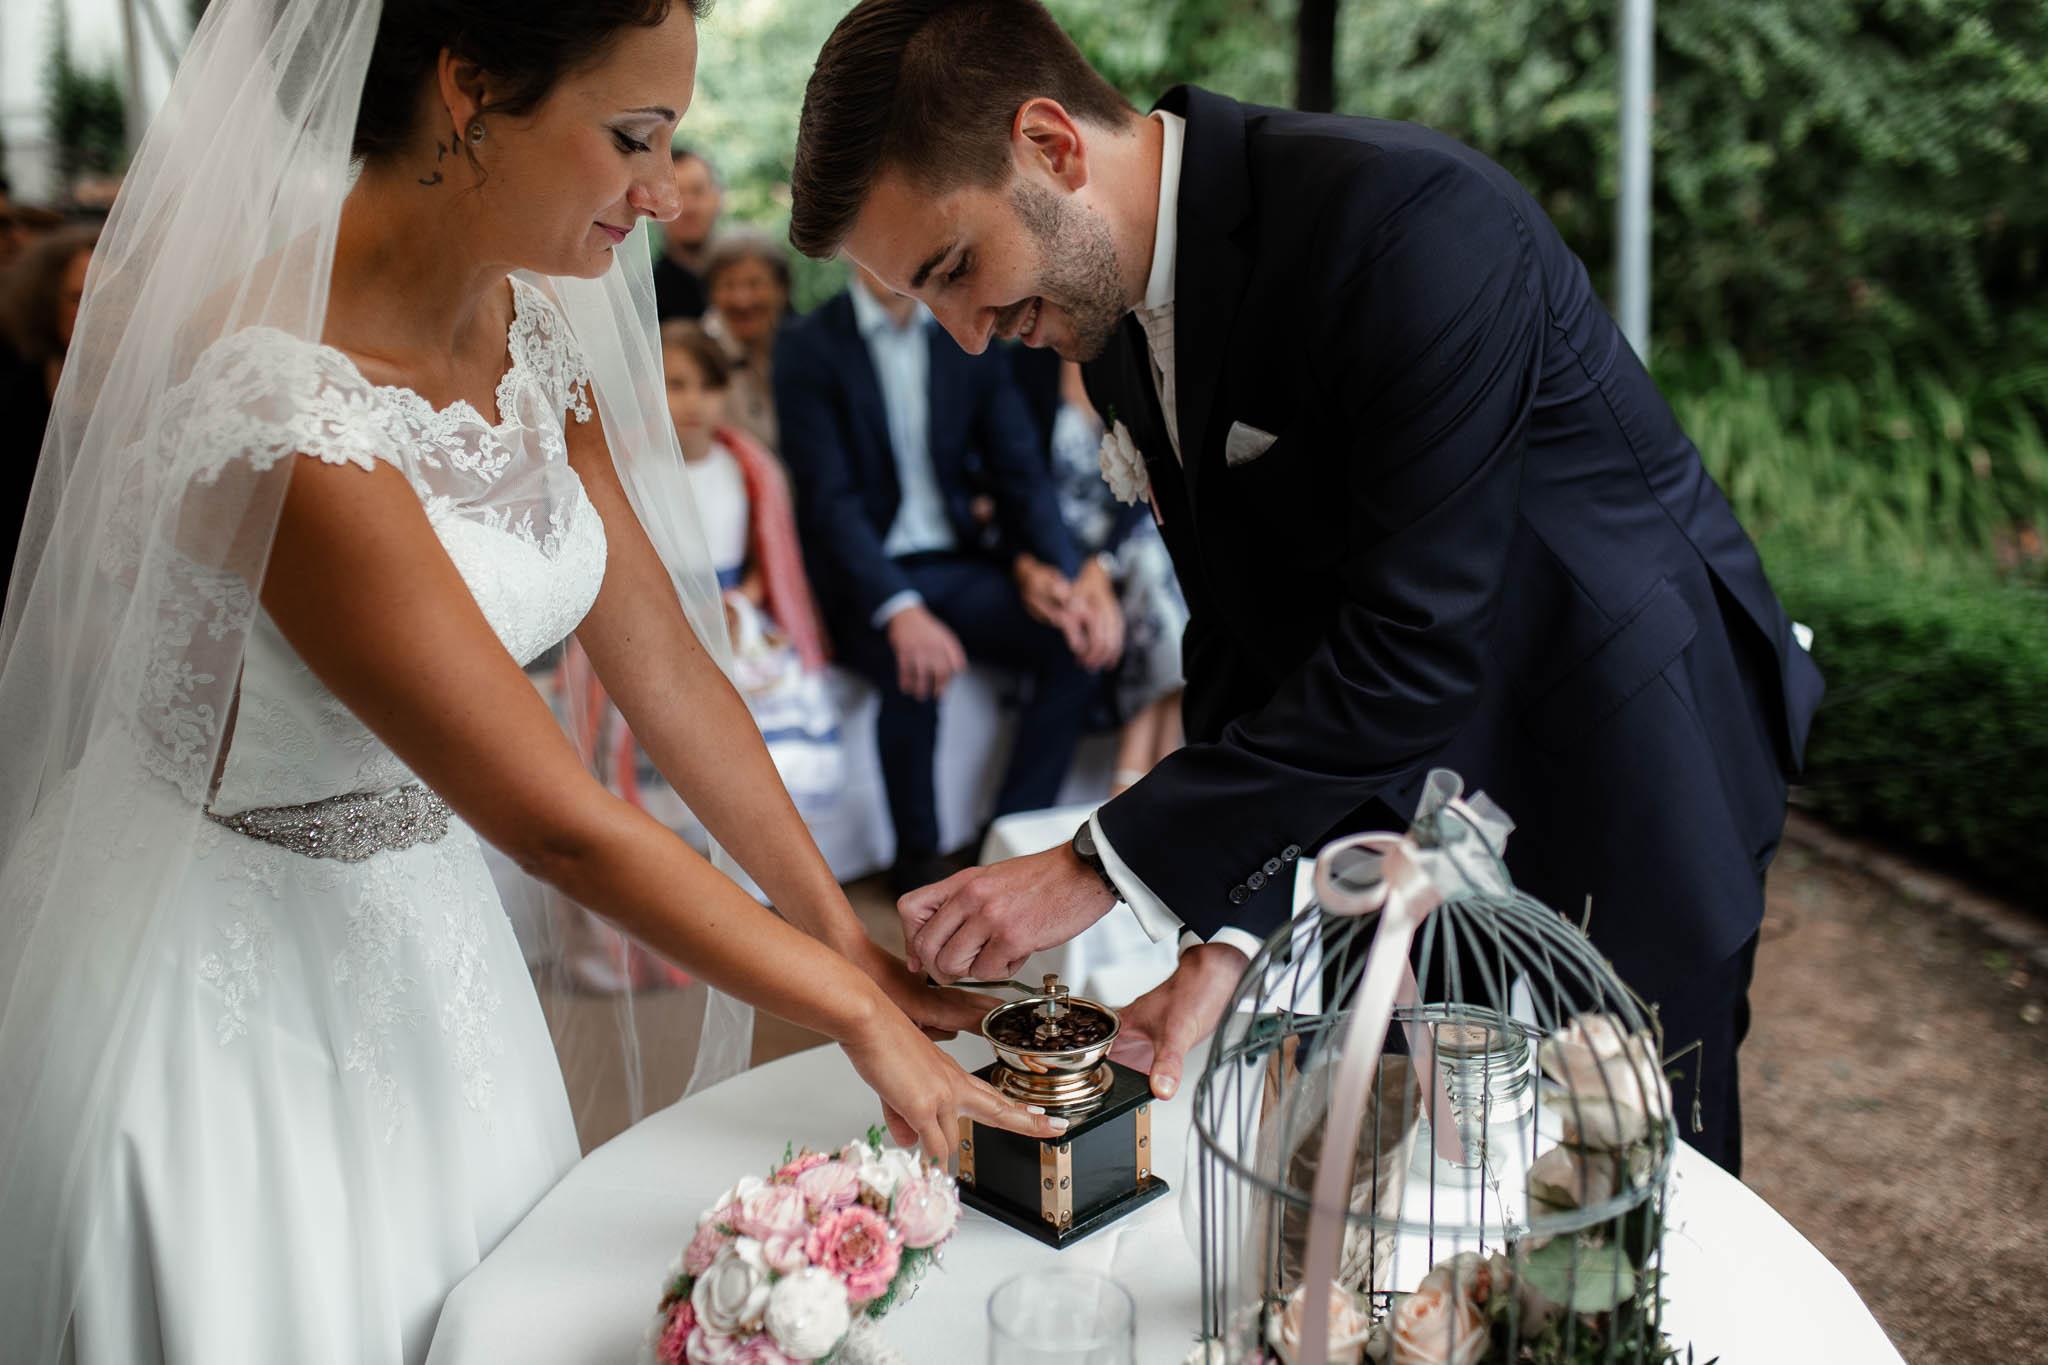 Hochzeitsfotograf Monzernheim: freie Trauung von Sarah & Patrick 32